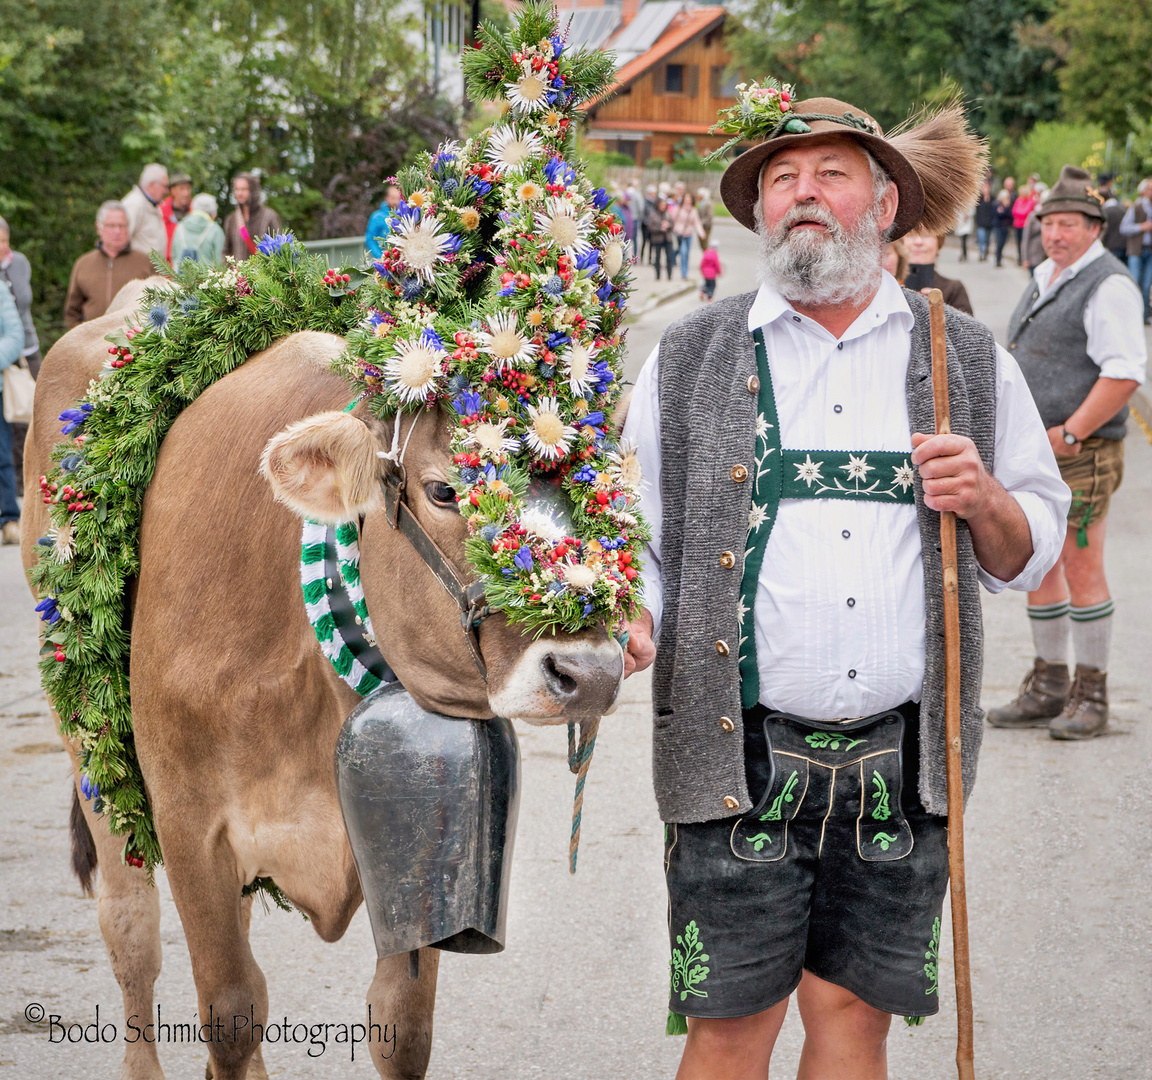 Landwirt mit Kranzkuh bei der Viehscheid in Wertach.